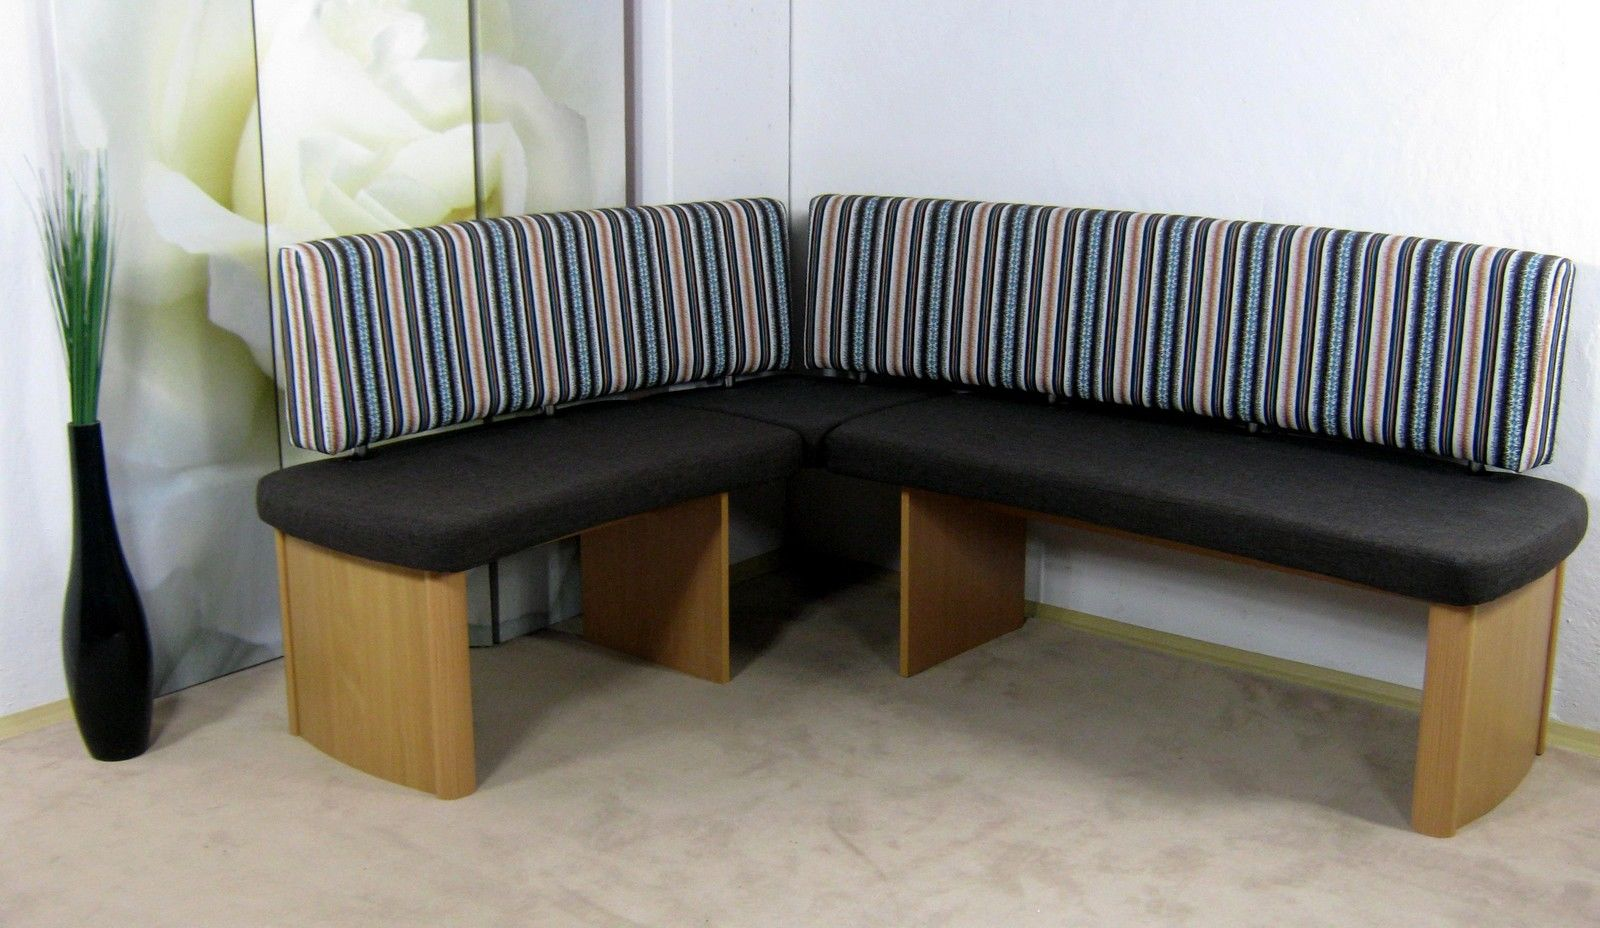 Beeindruckend Sitzecke Esszimmer Foto Von Moderne Eckbank Mocca Blau Küchenbank Essecke Design